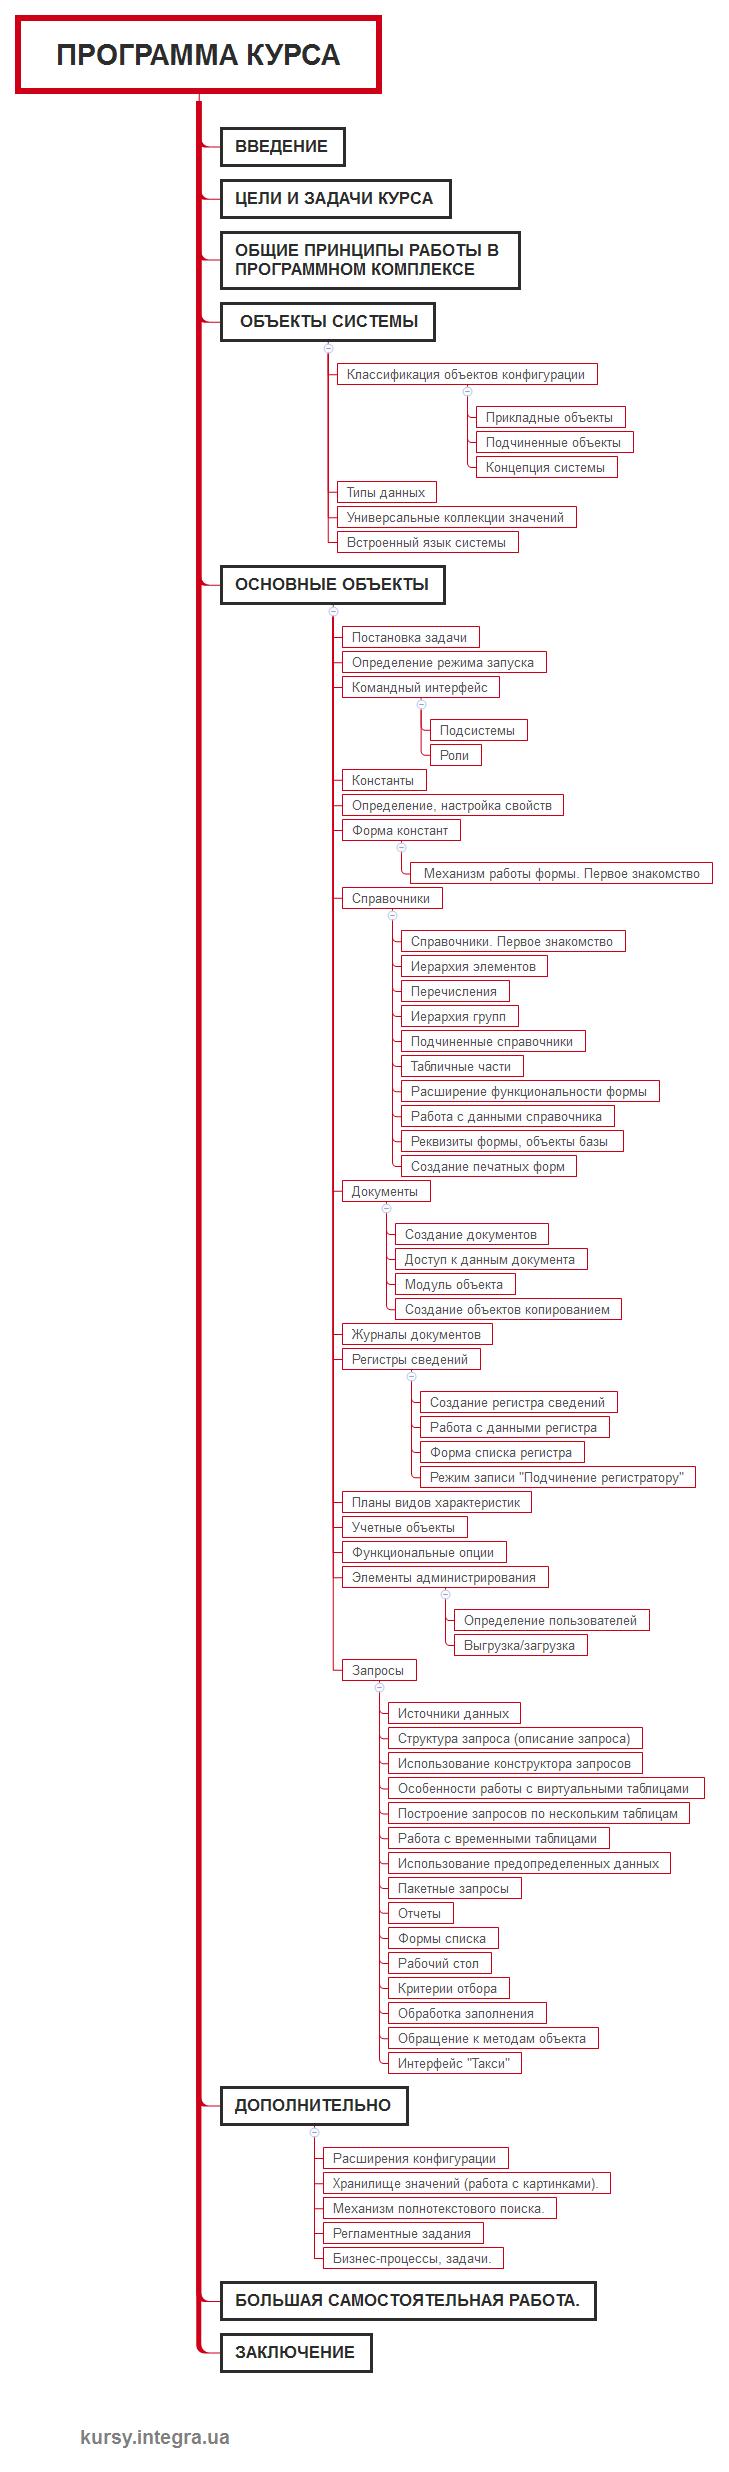 Курс: Введение в конфигурирование. Основные объекты в «1С:Предприятие 8.3»